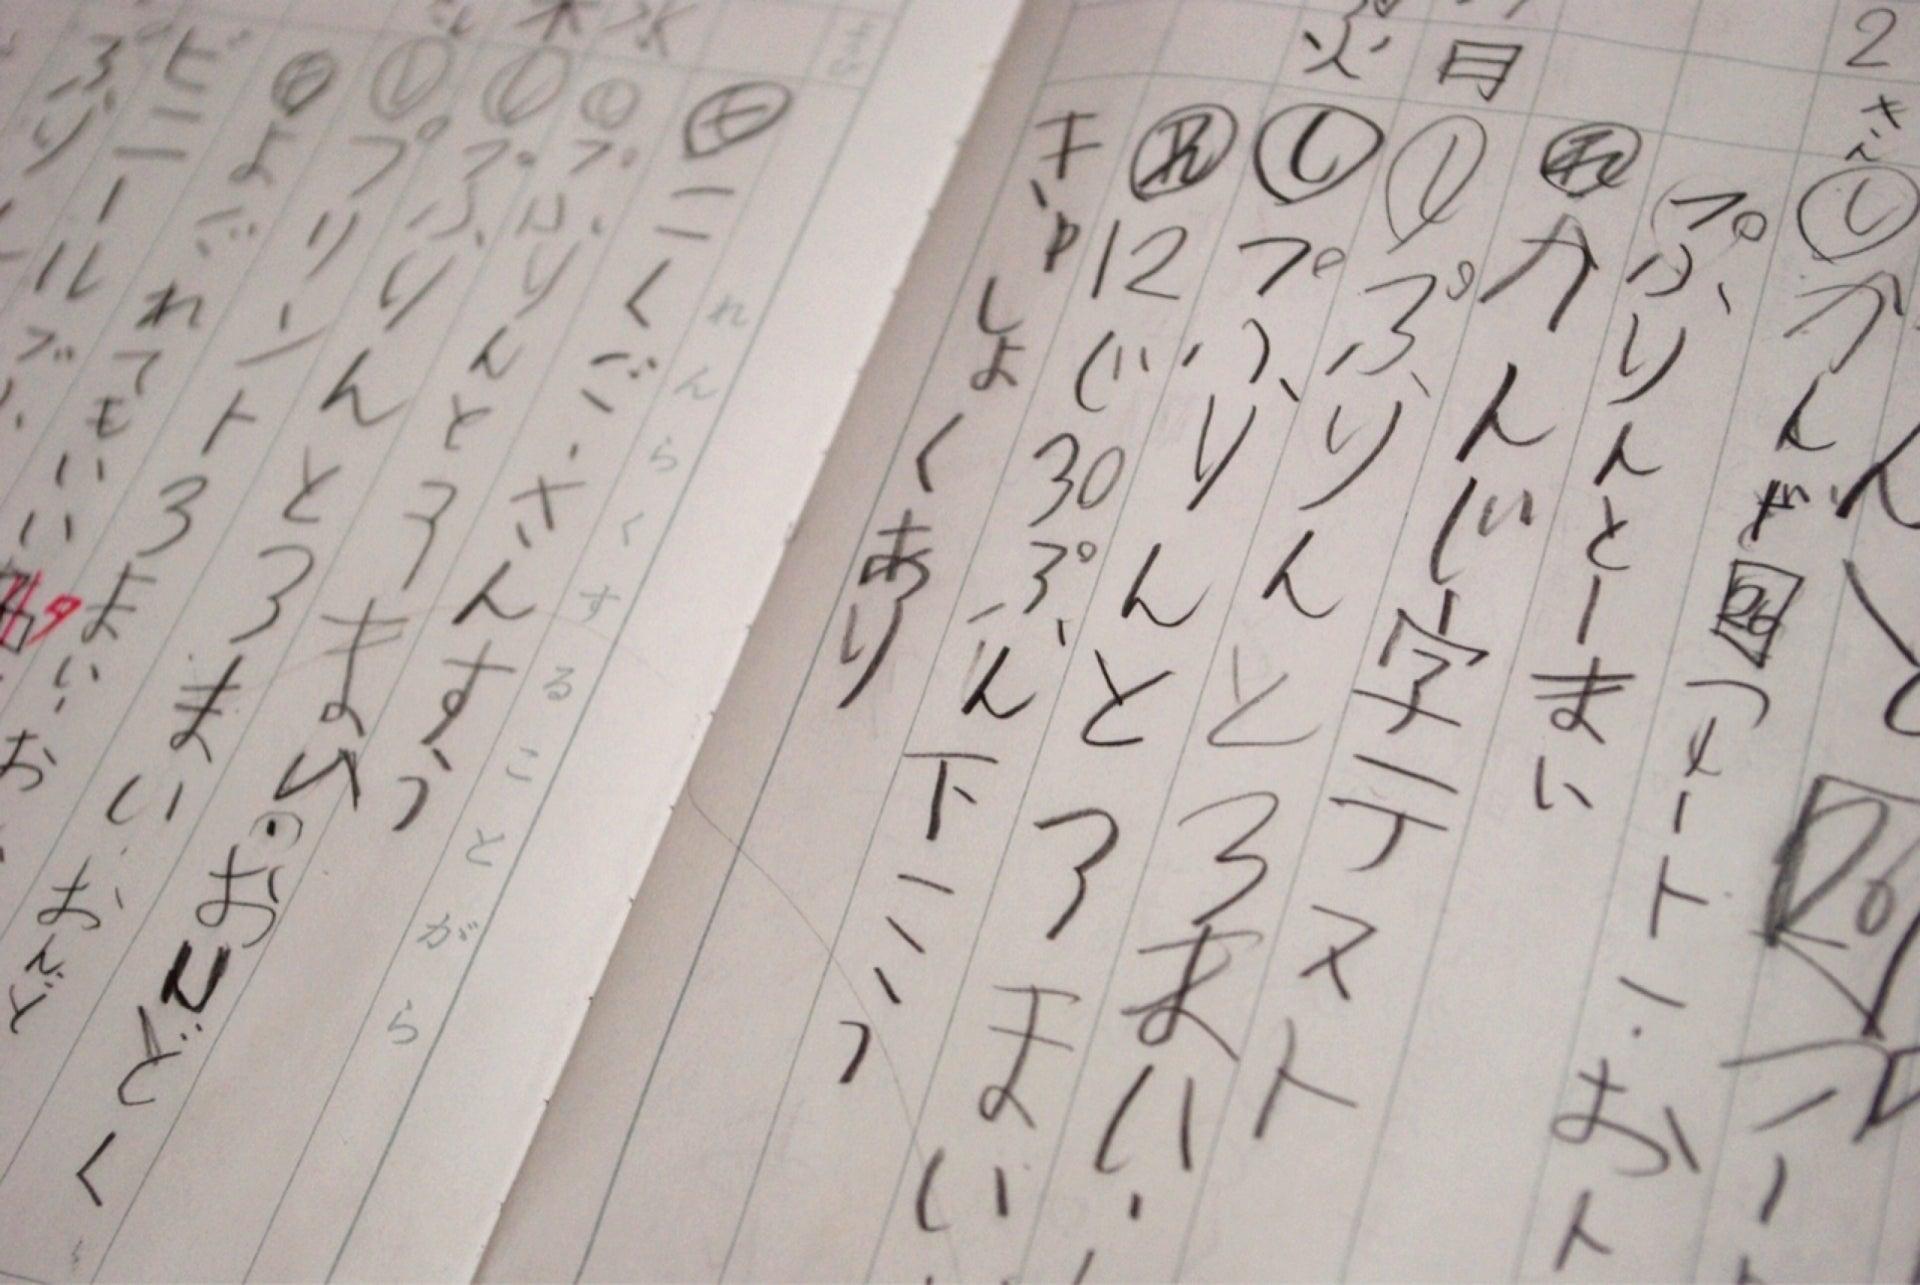 汚い が 小学生 字